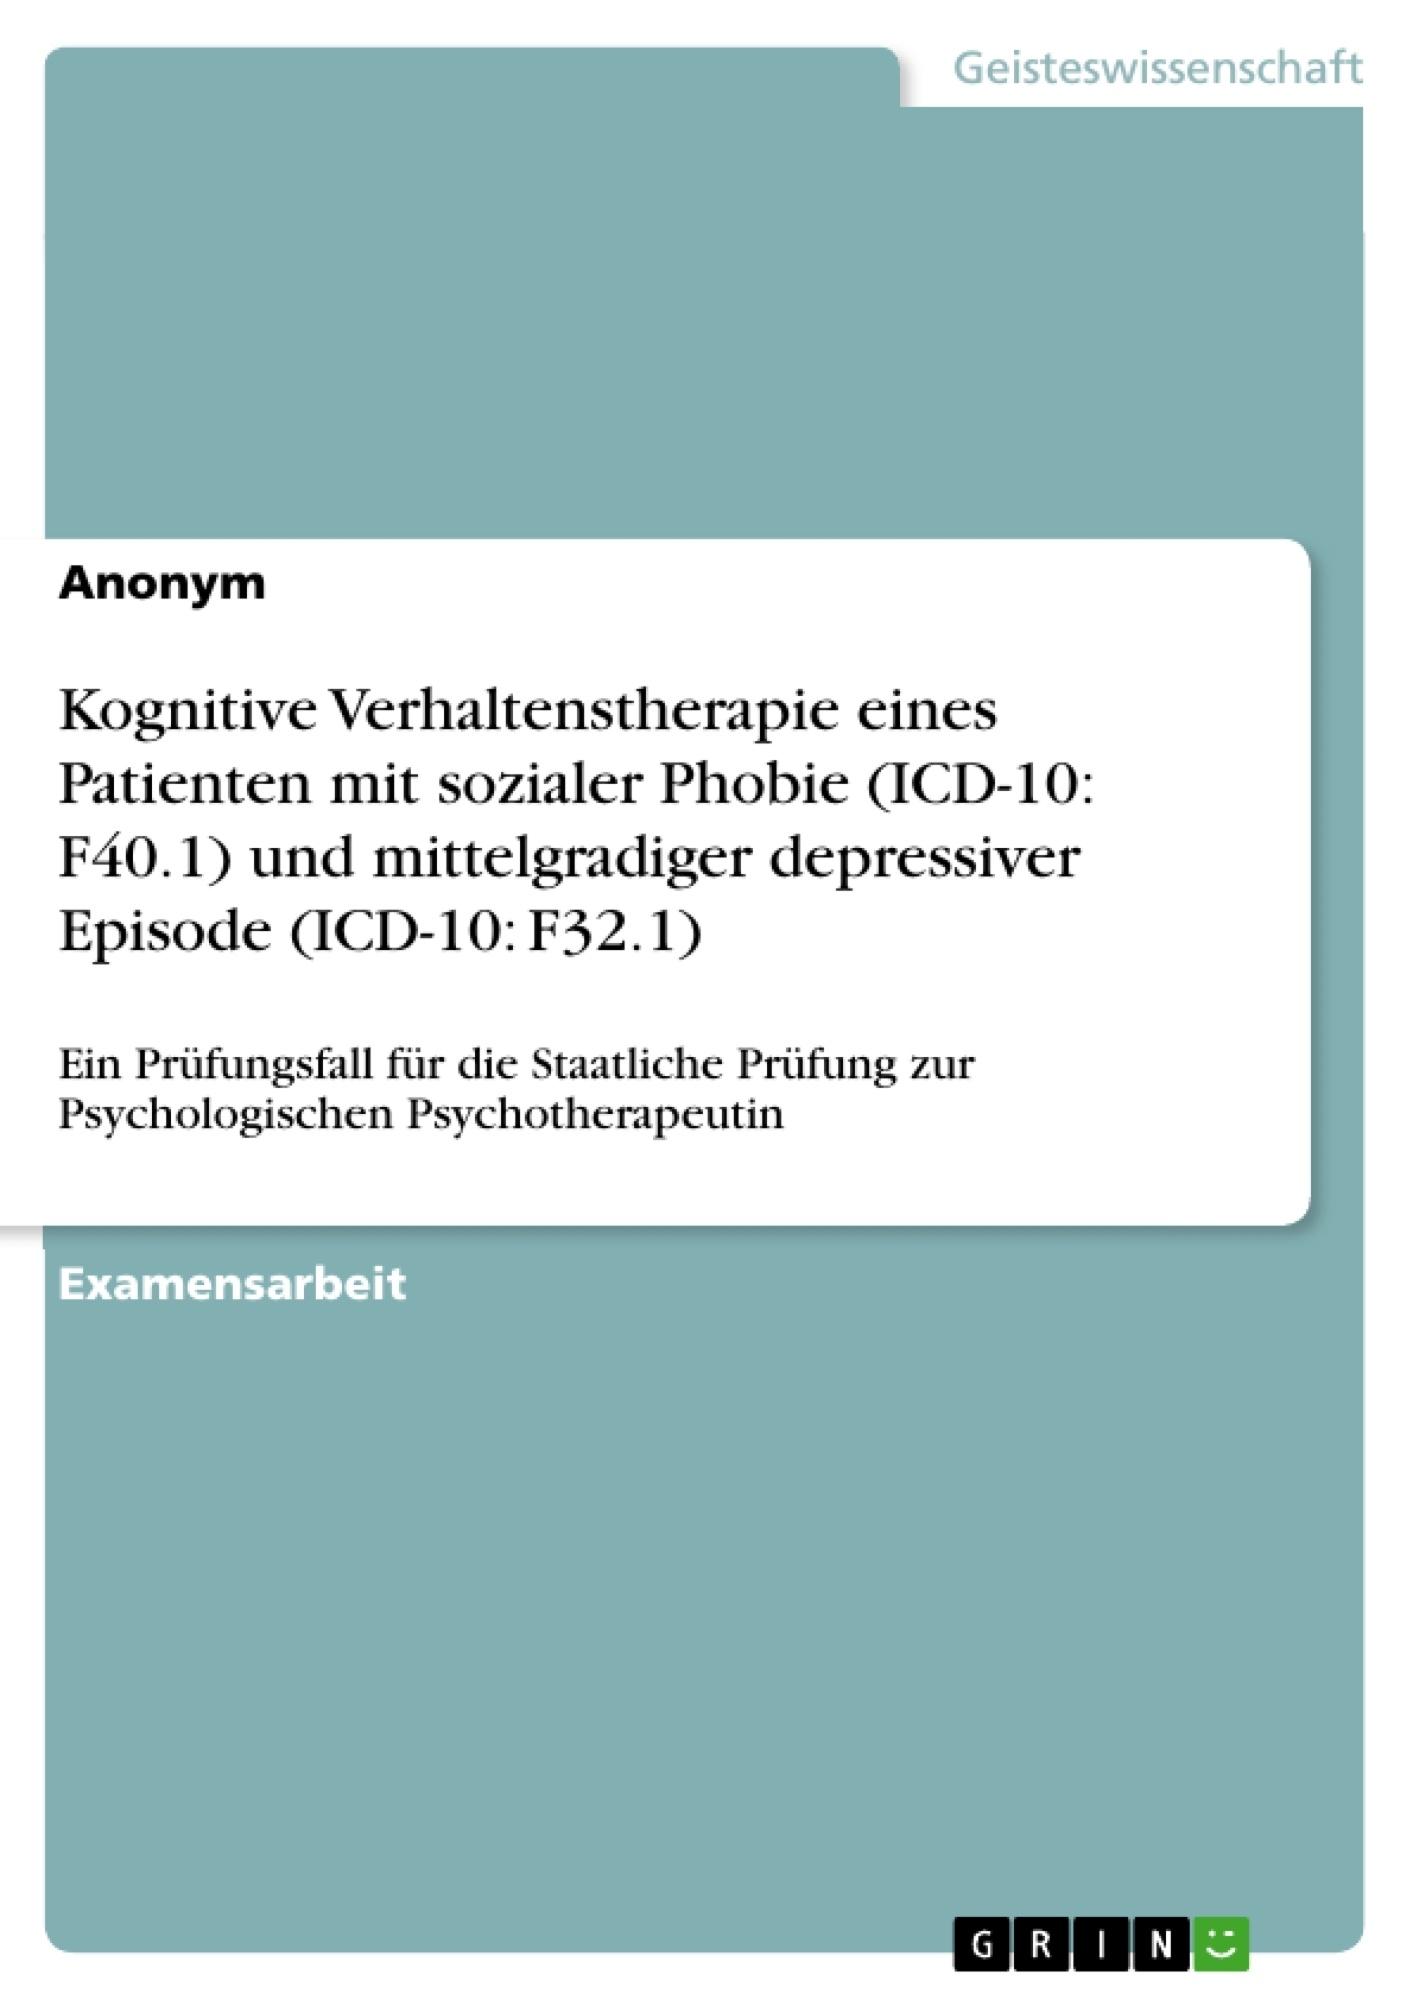 Titel: Kognitive Verhaltenstherapie eines Patienten mit sozialer Phobie (ICD-10: F40.1) und mittelgradiger depressiver Episode (ICD-10: F32.1)